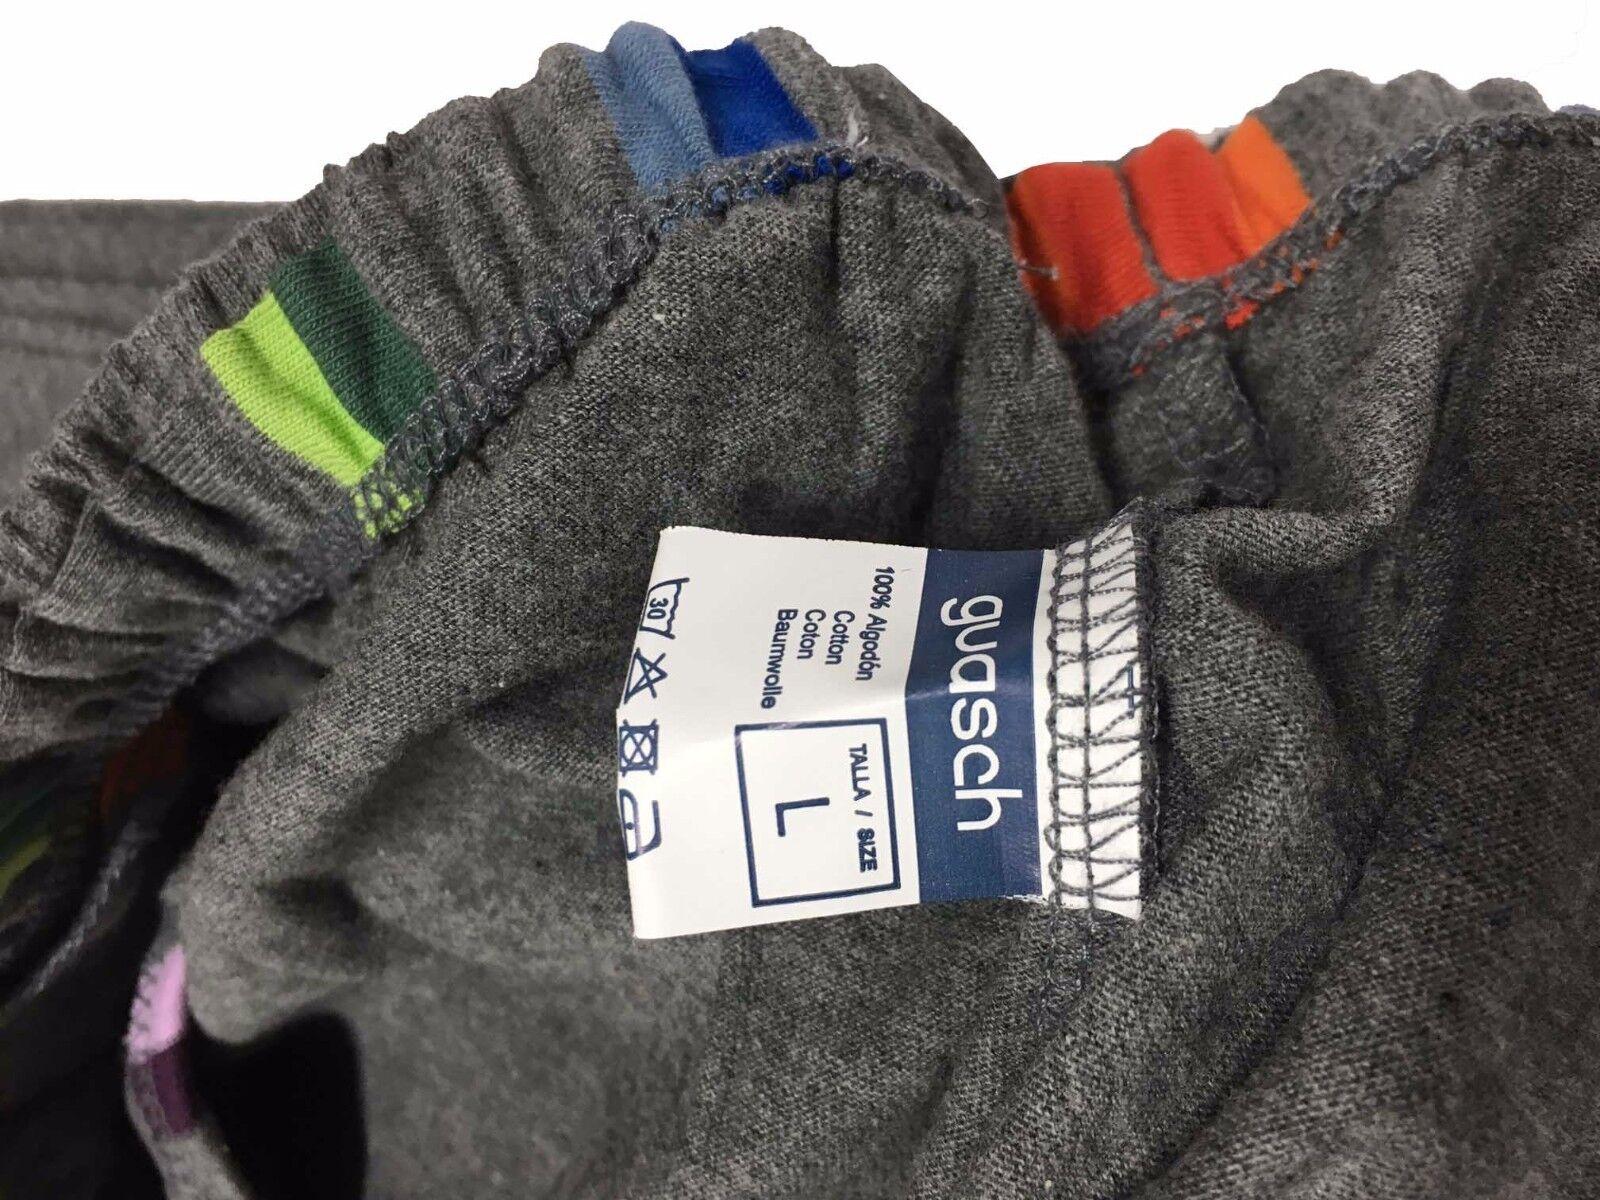 GUASCH pigiama cotone uomo uomo grigio/multicolor 100% cotone pigiama S-3 bcb33c